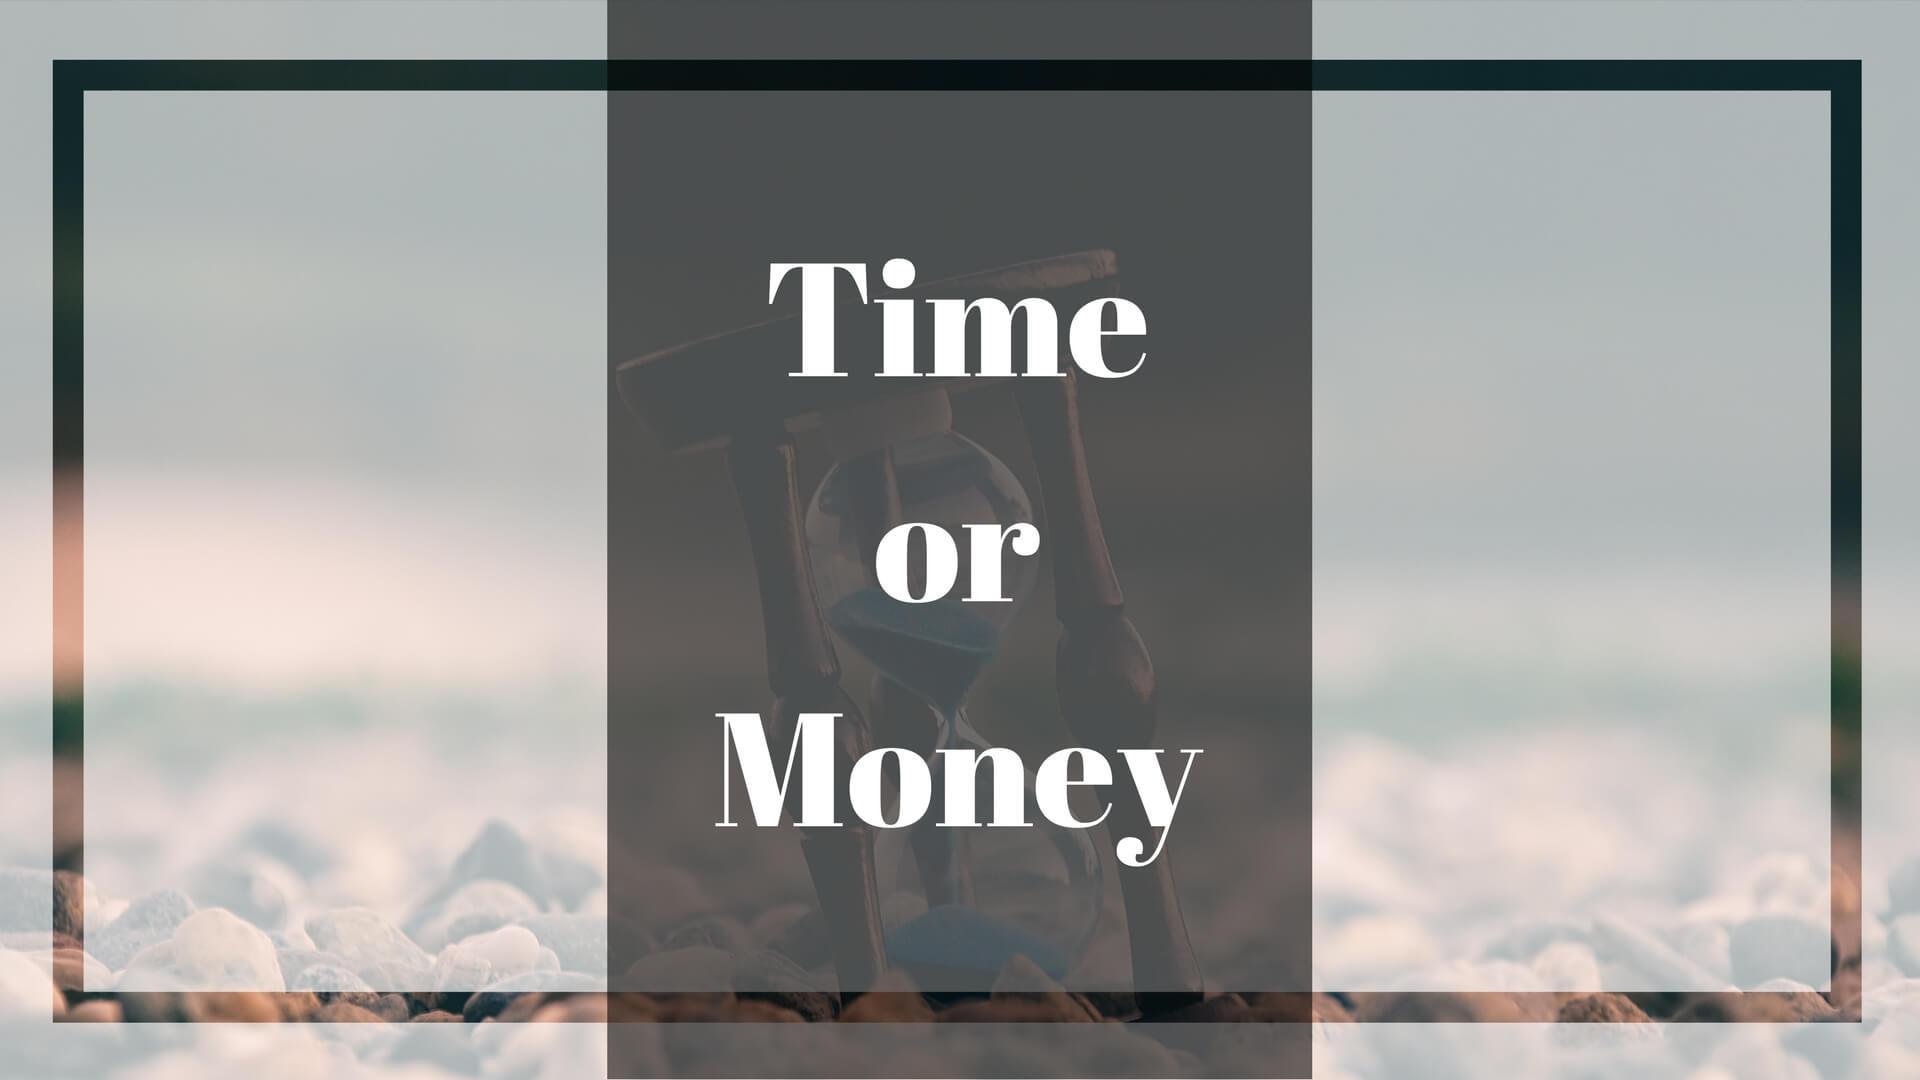 時間とお金どちらが大切か